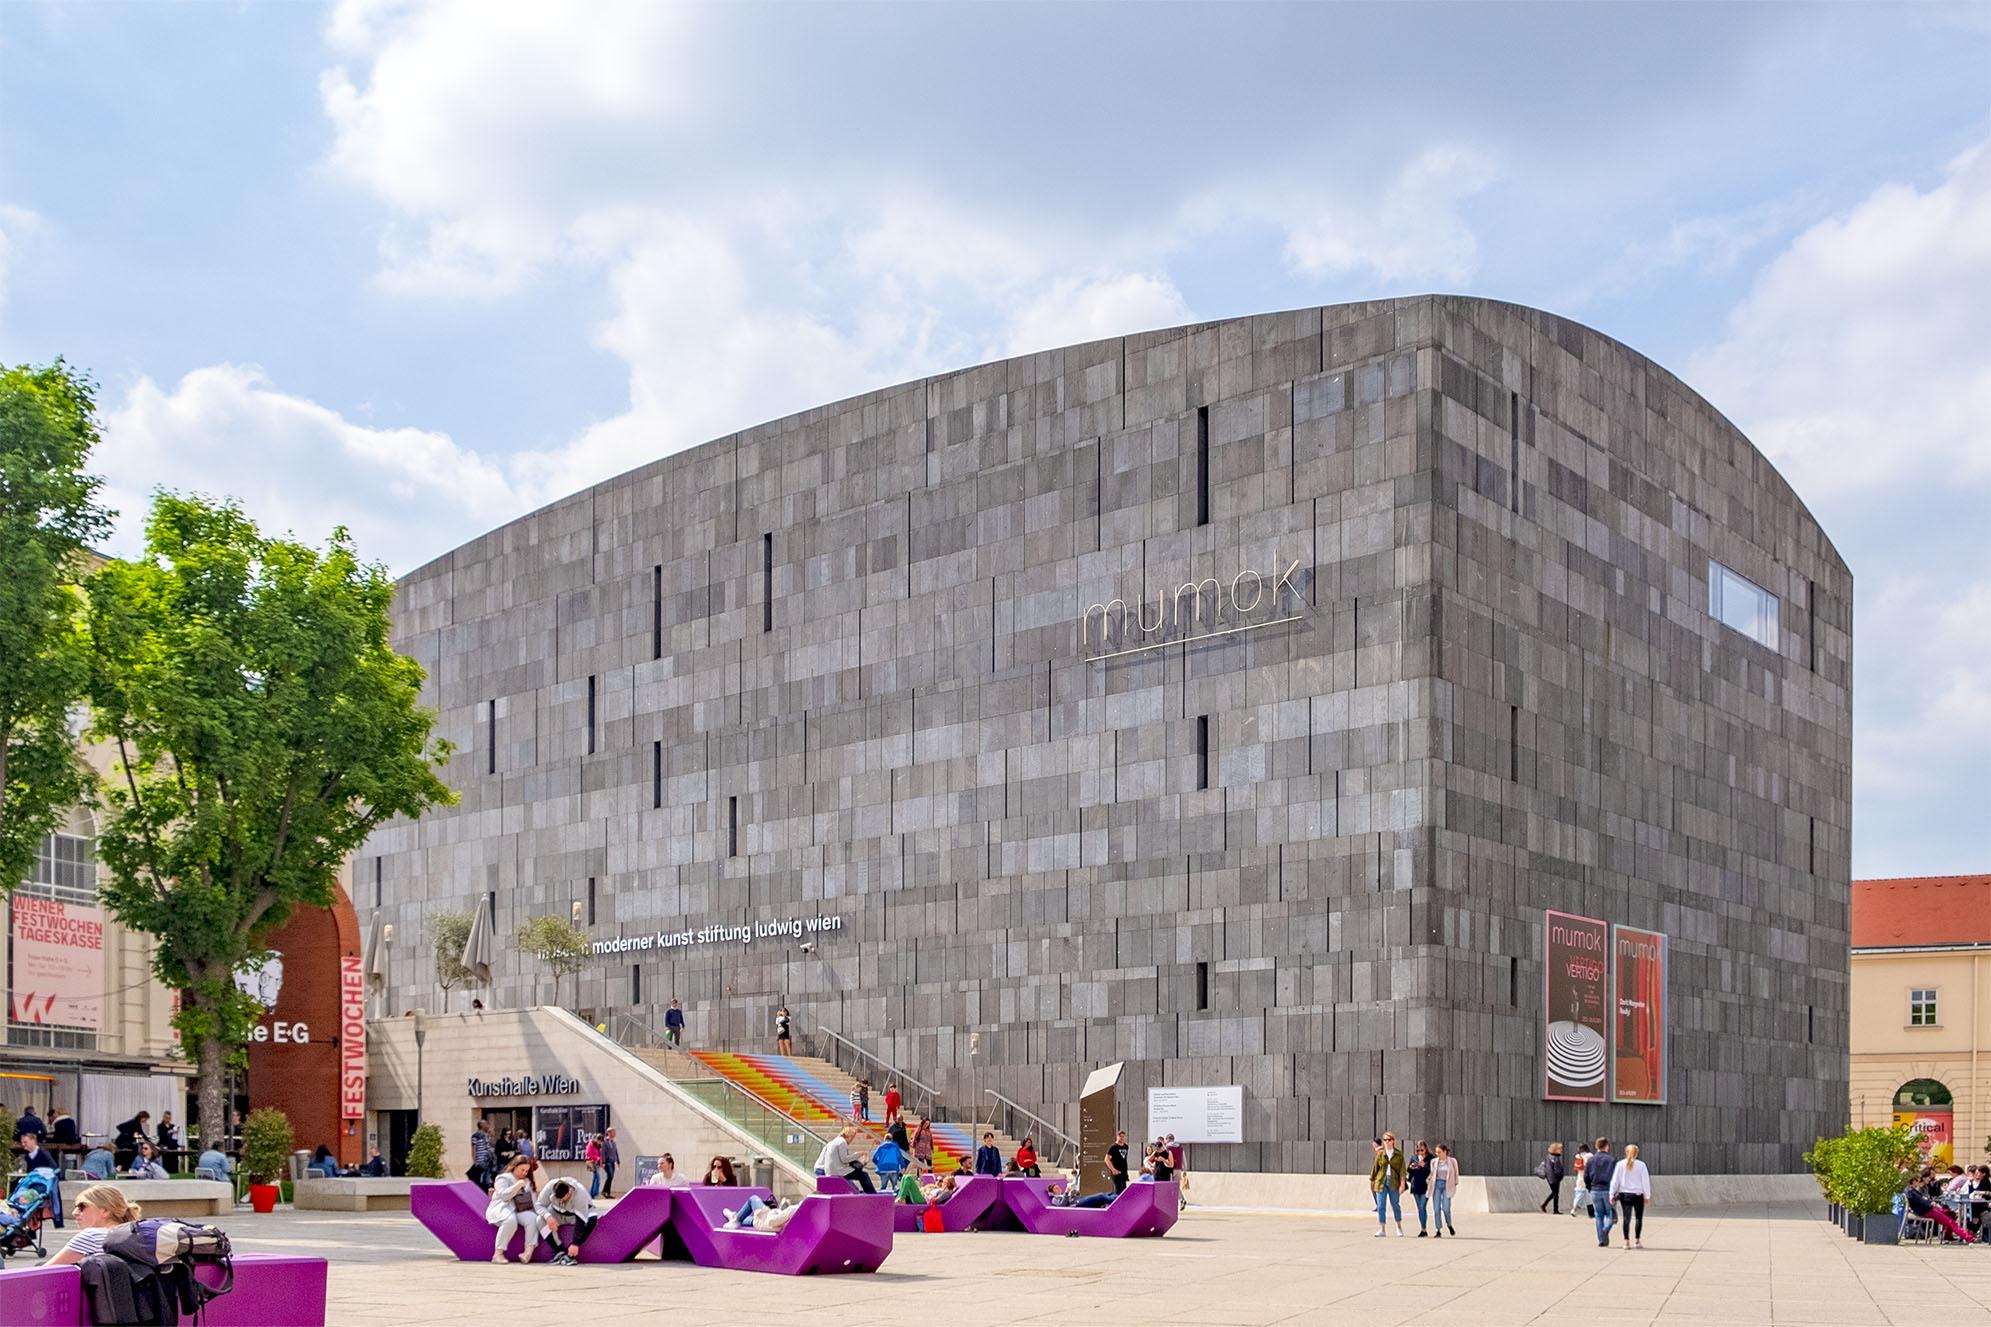 Mumok MuseumsQuartier Wien